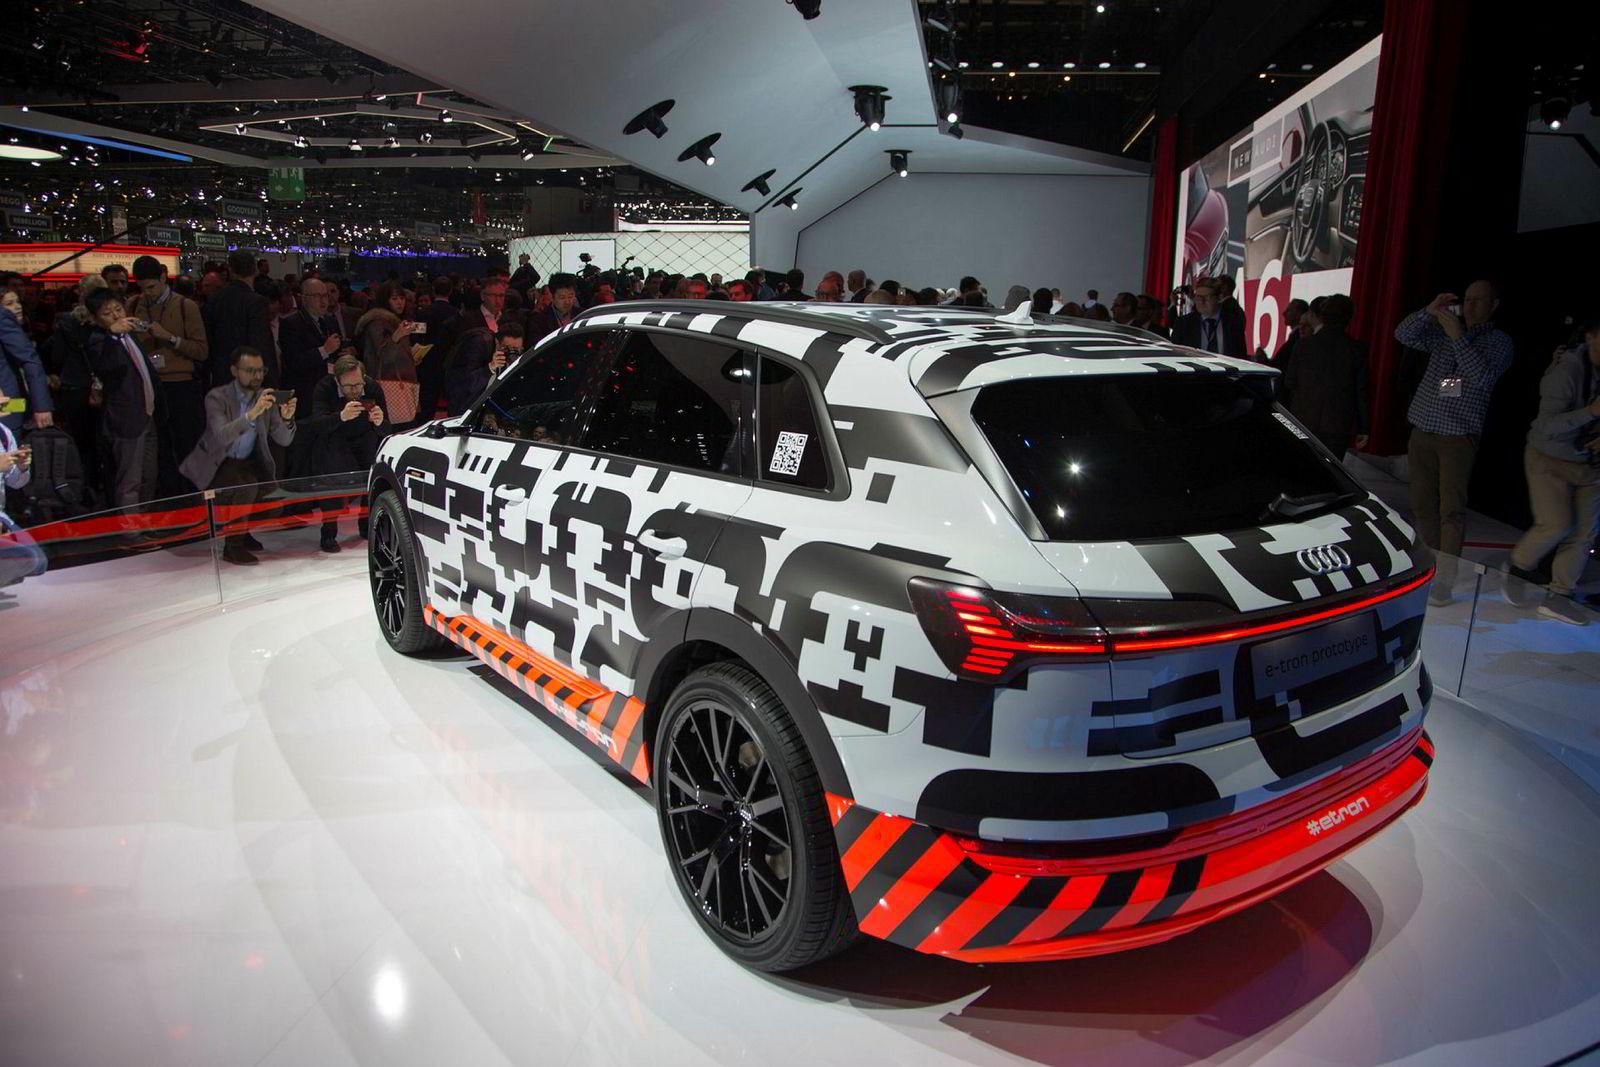 Audi E-tron, her presentert på messe i Genève.